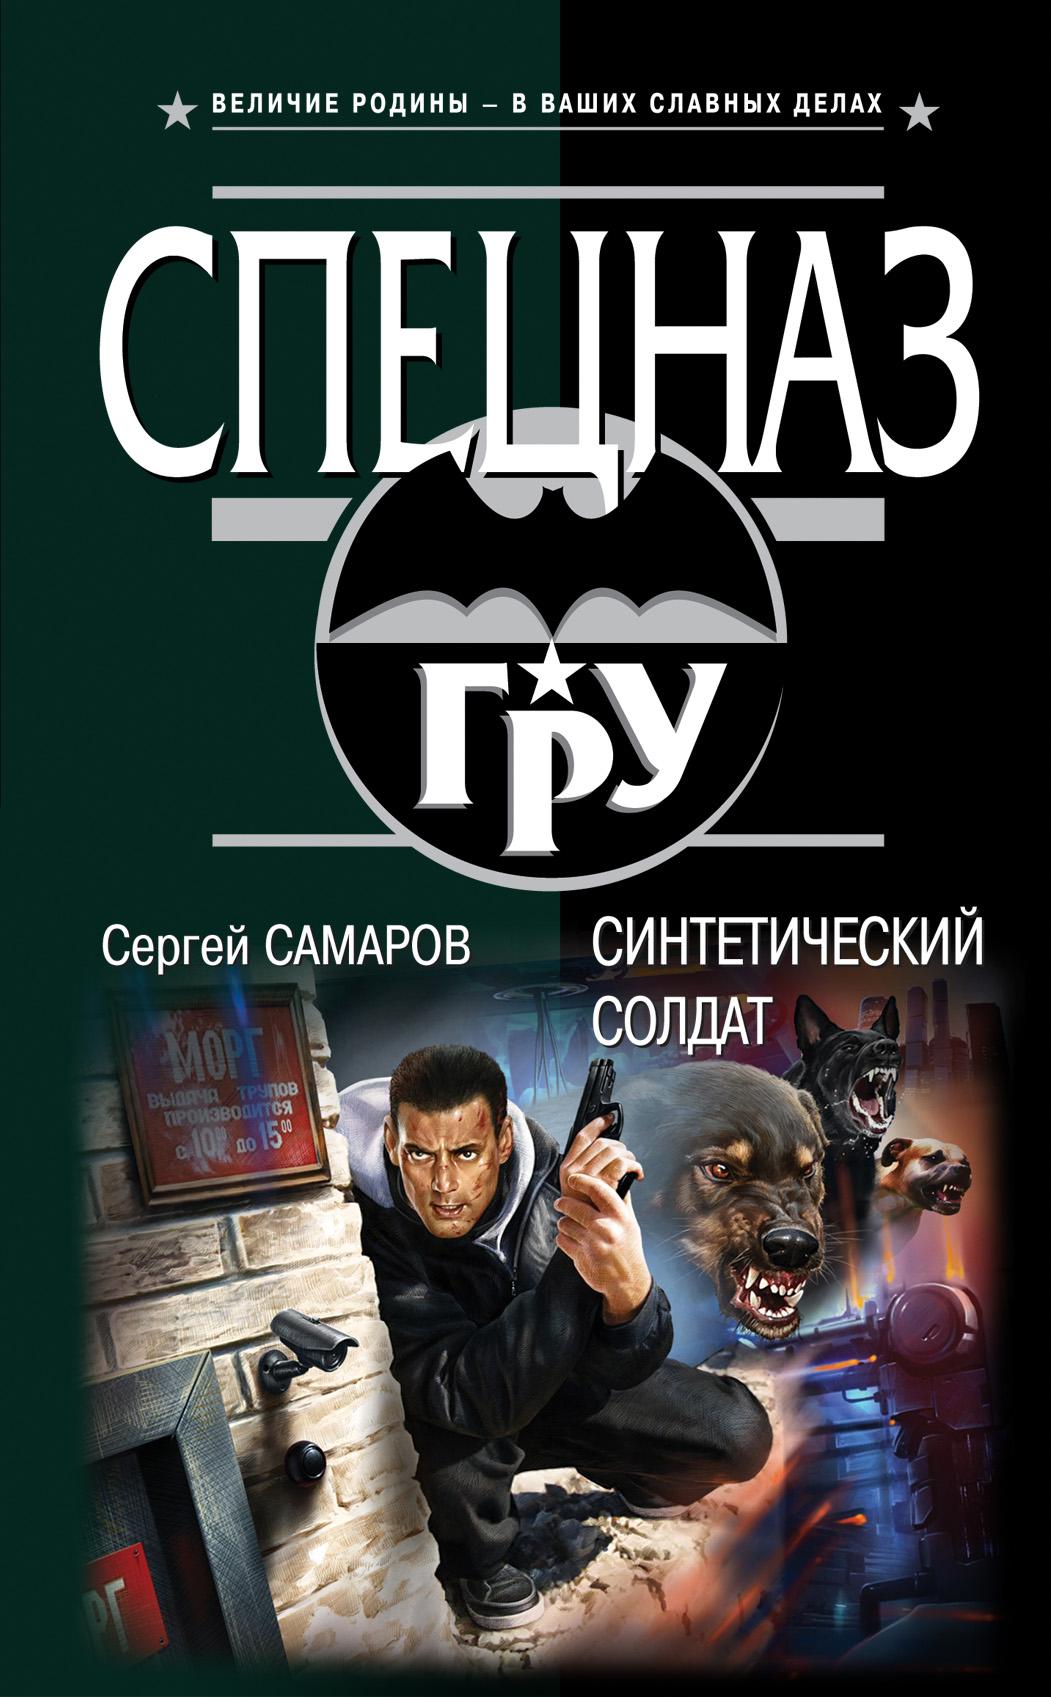 Сергей Самаров Синтетический солдат